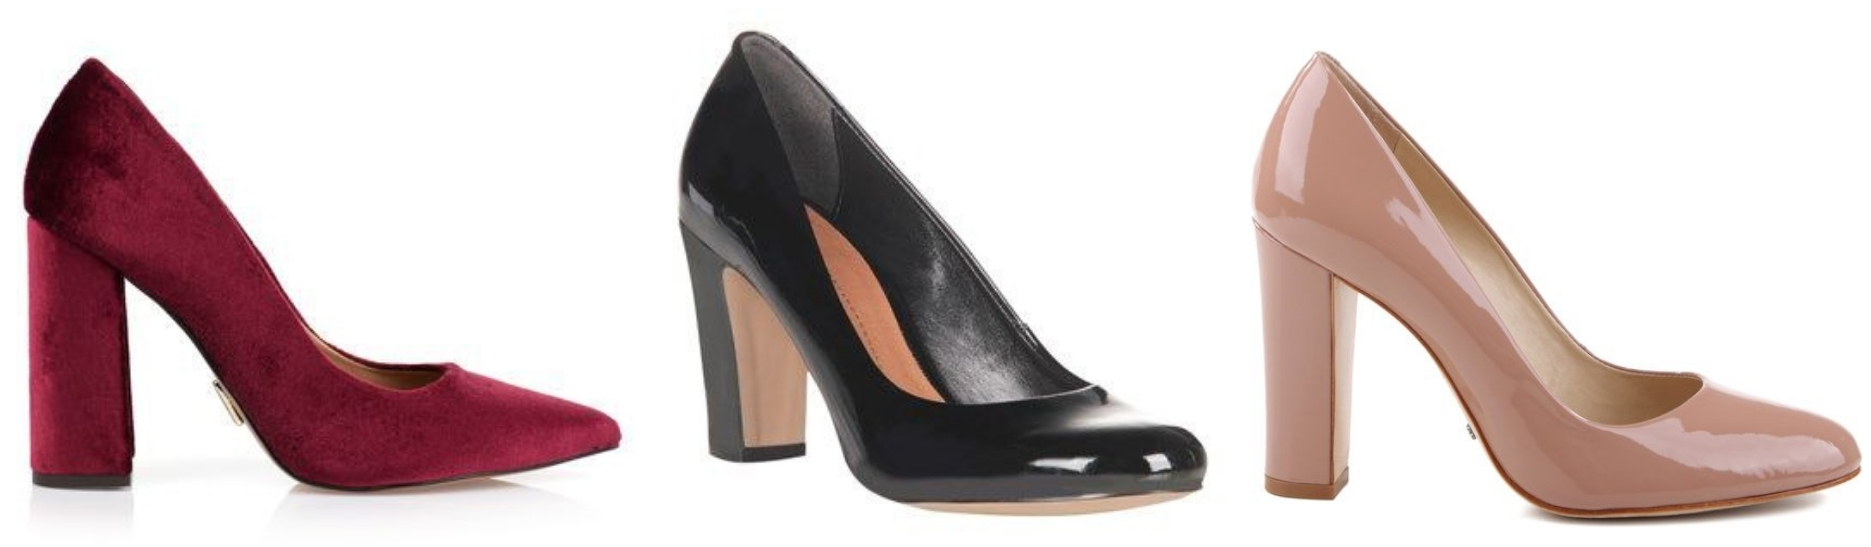 O scarpin é um modelo clássico e elegante. Na versão de salto grosso e bico mais arredondado este tipo de sapato fica mais confortável.